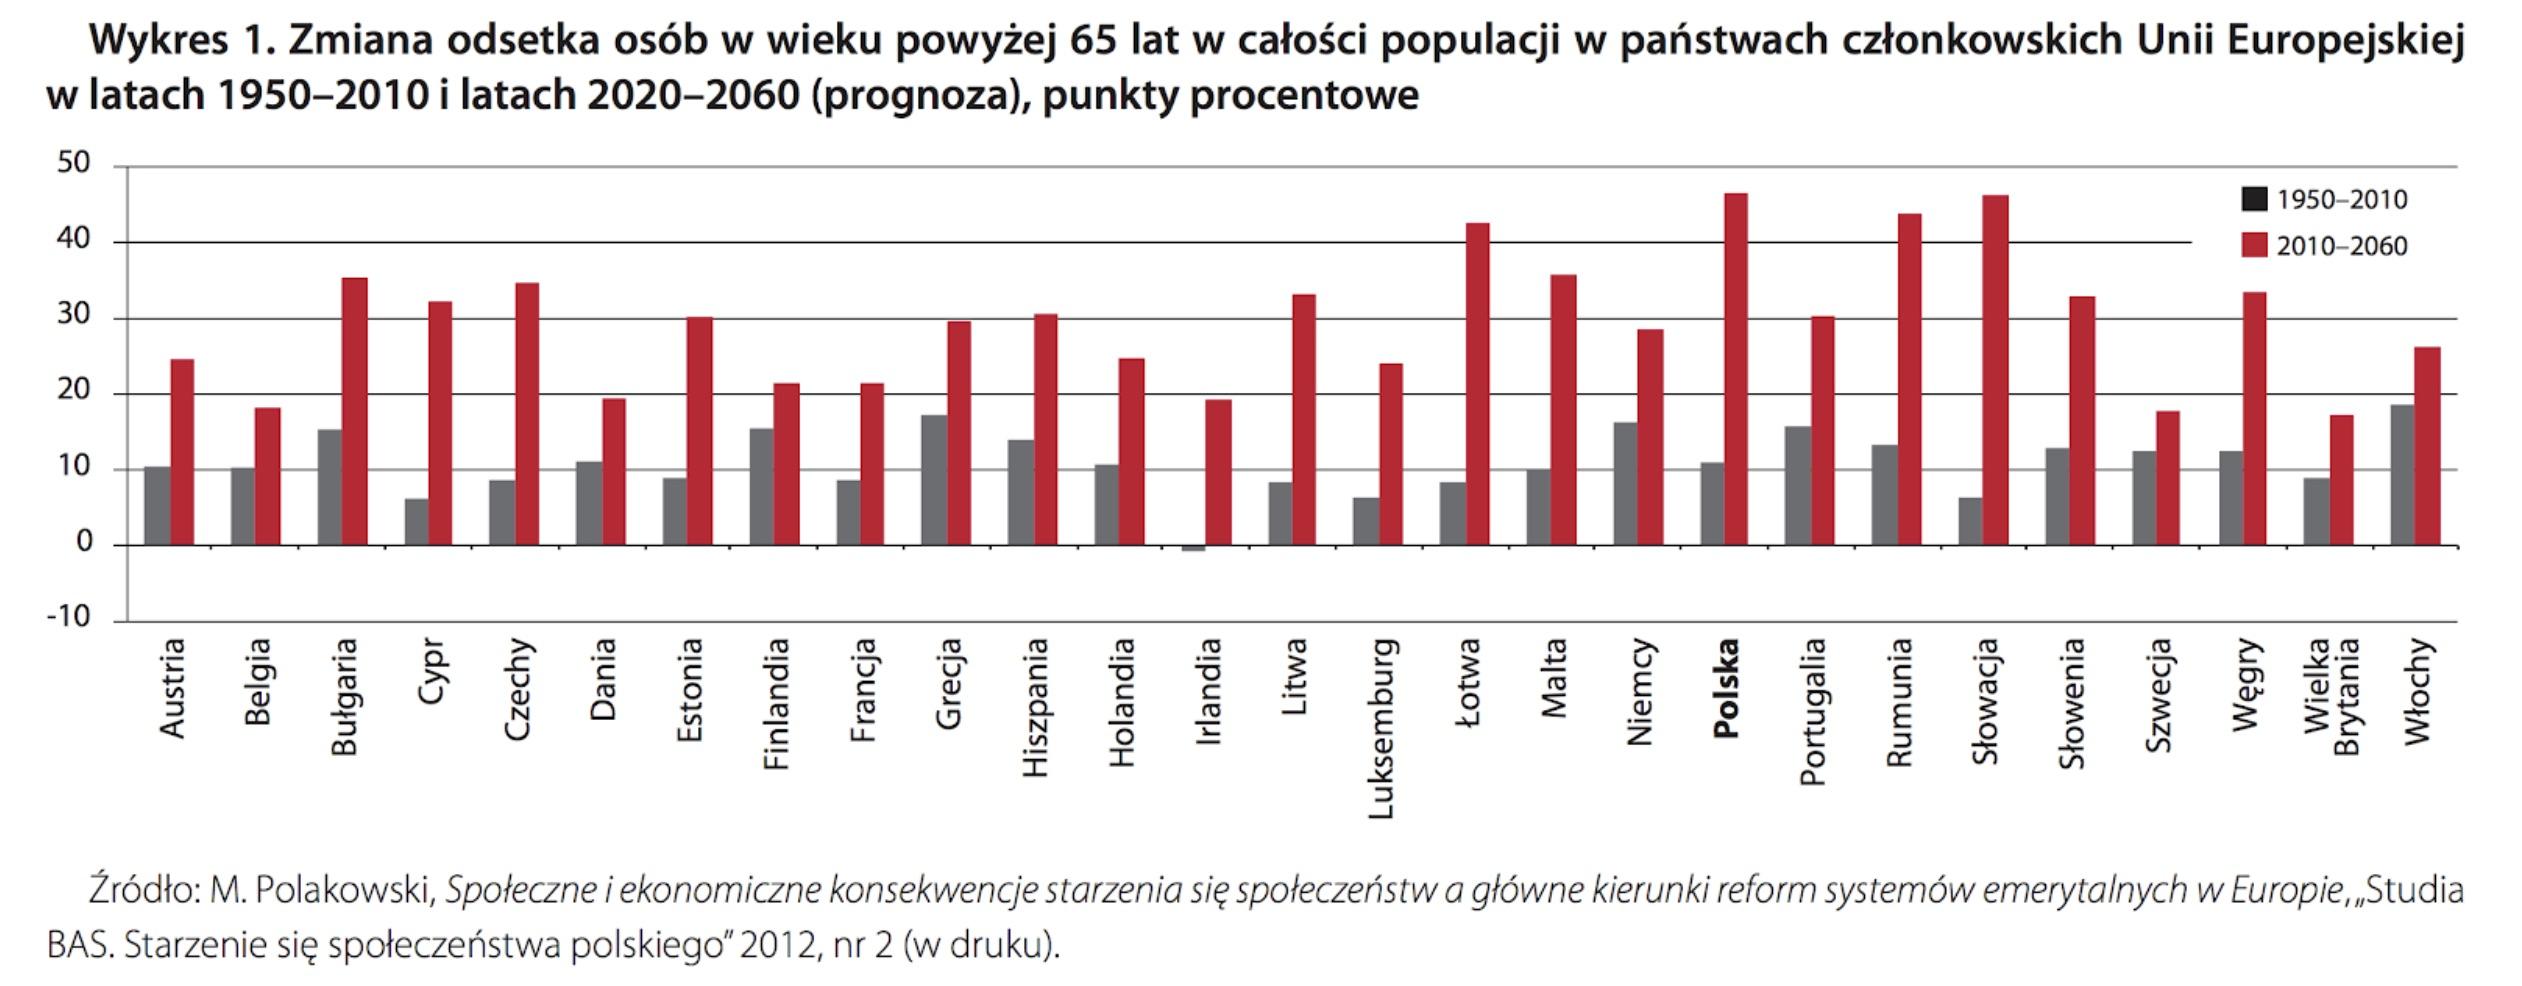 Zmiana odsetka osób w wieku powyżej 65 lat w całości populacji